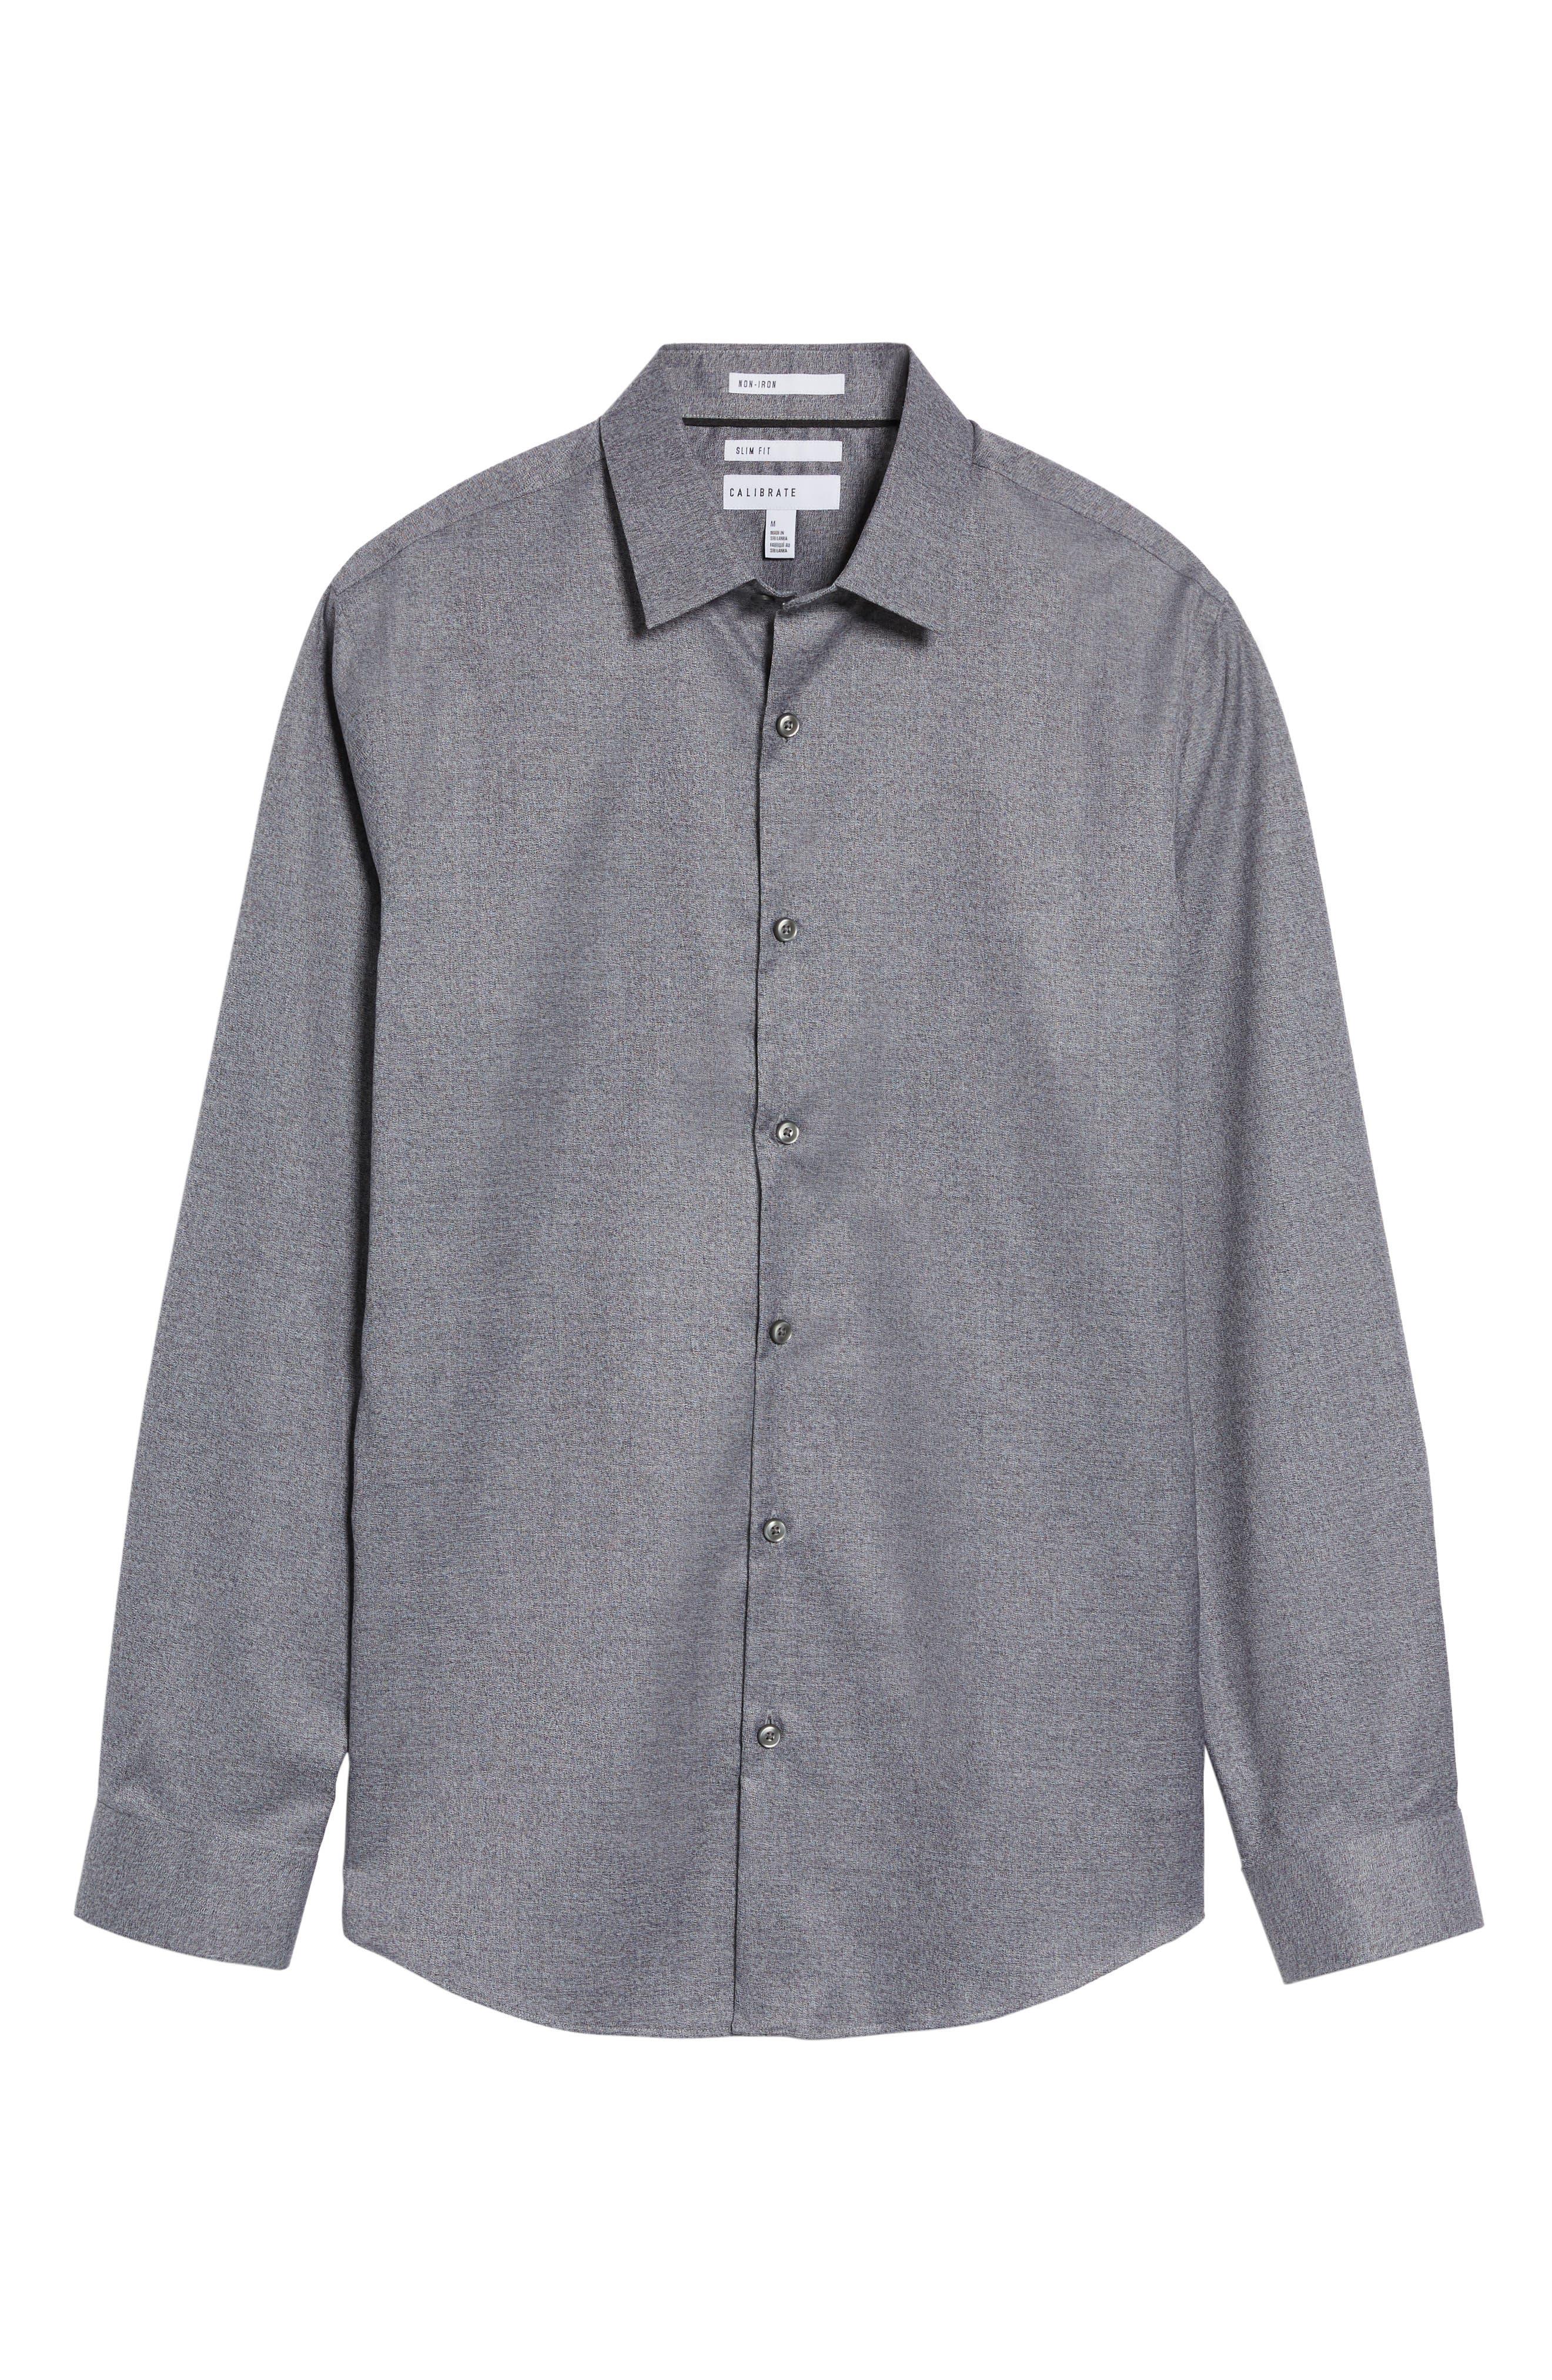 Slim Fit Non-Iron Jaspe Sport Shirt,                             Alternate thumbnail 6, color,                             Grey Magnet Black Jaspe